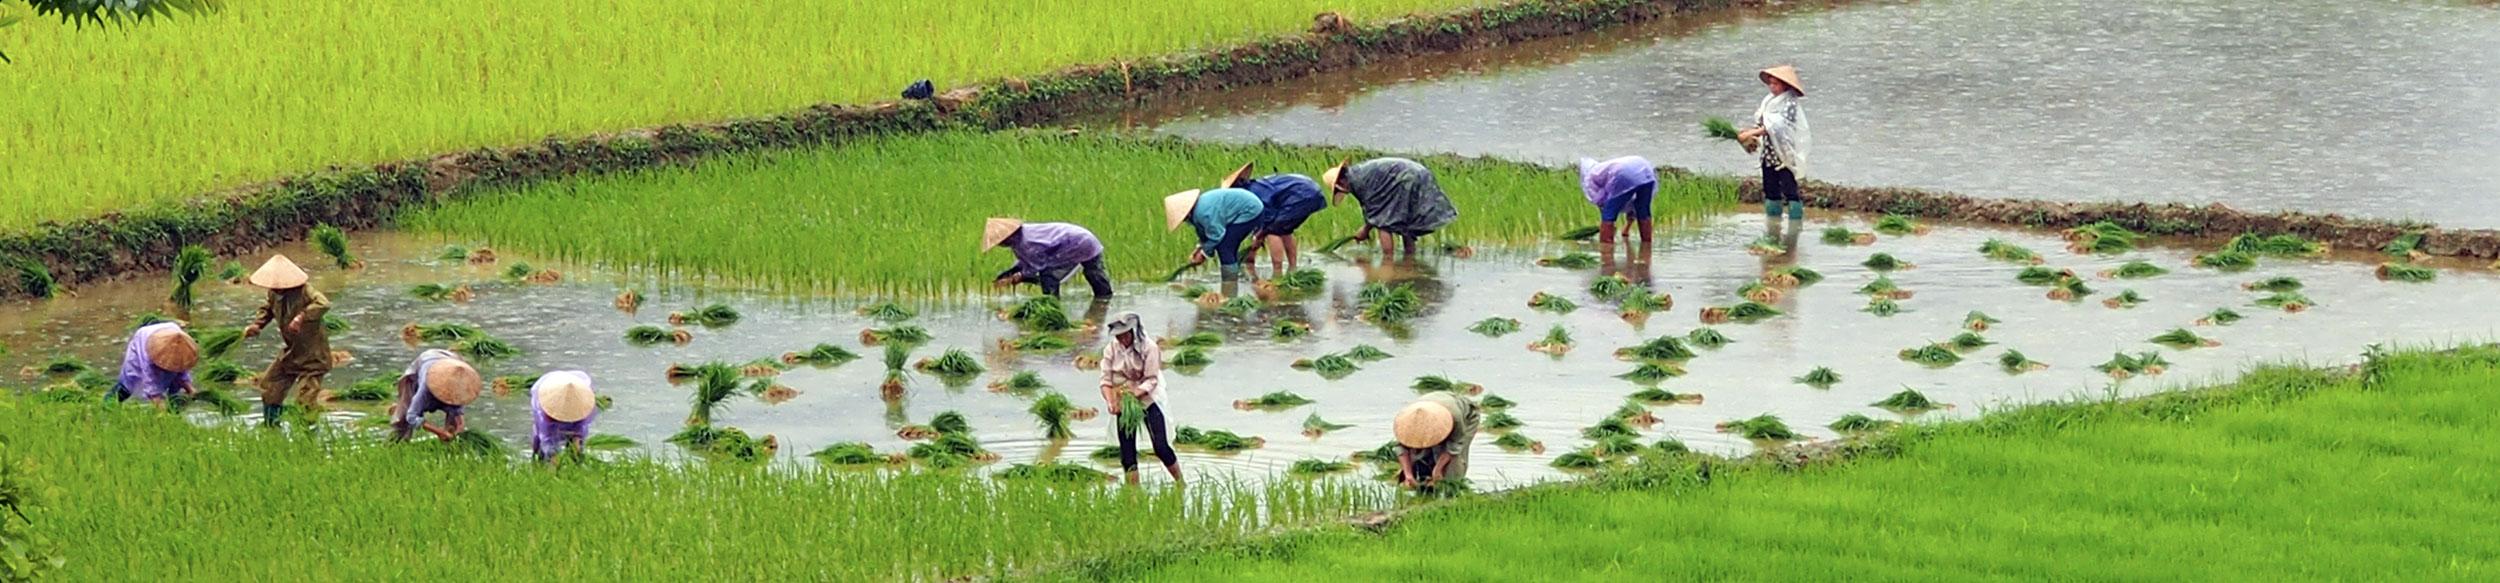 Repiquage du riz dans la région de Bac Ha